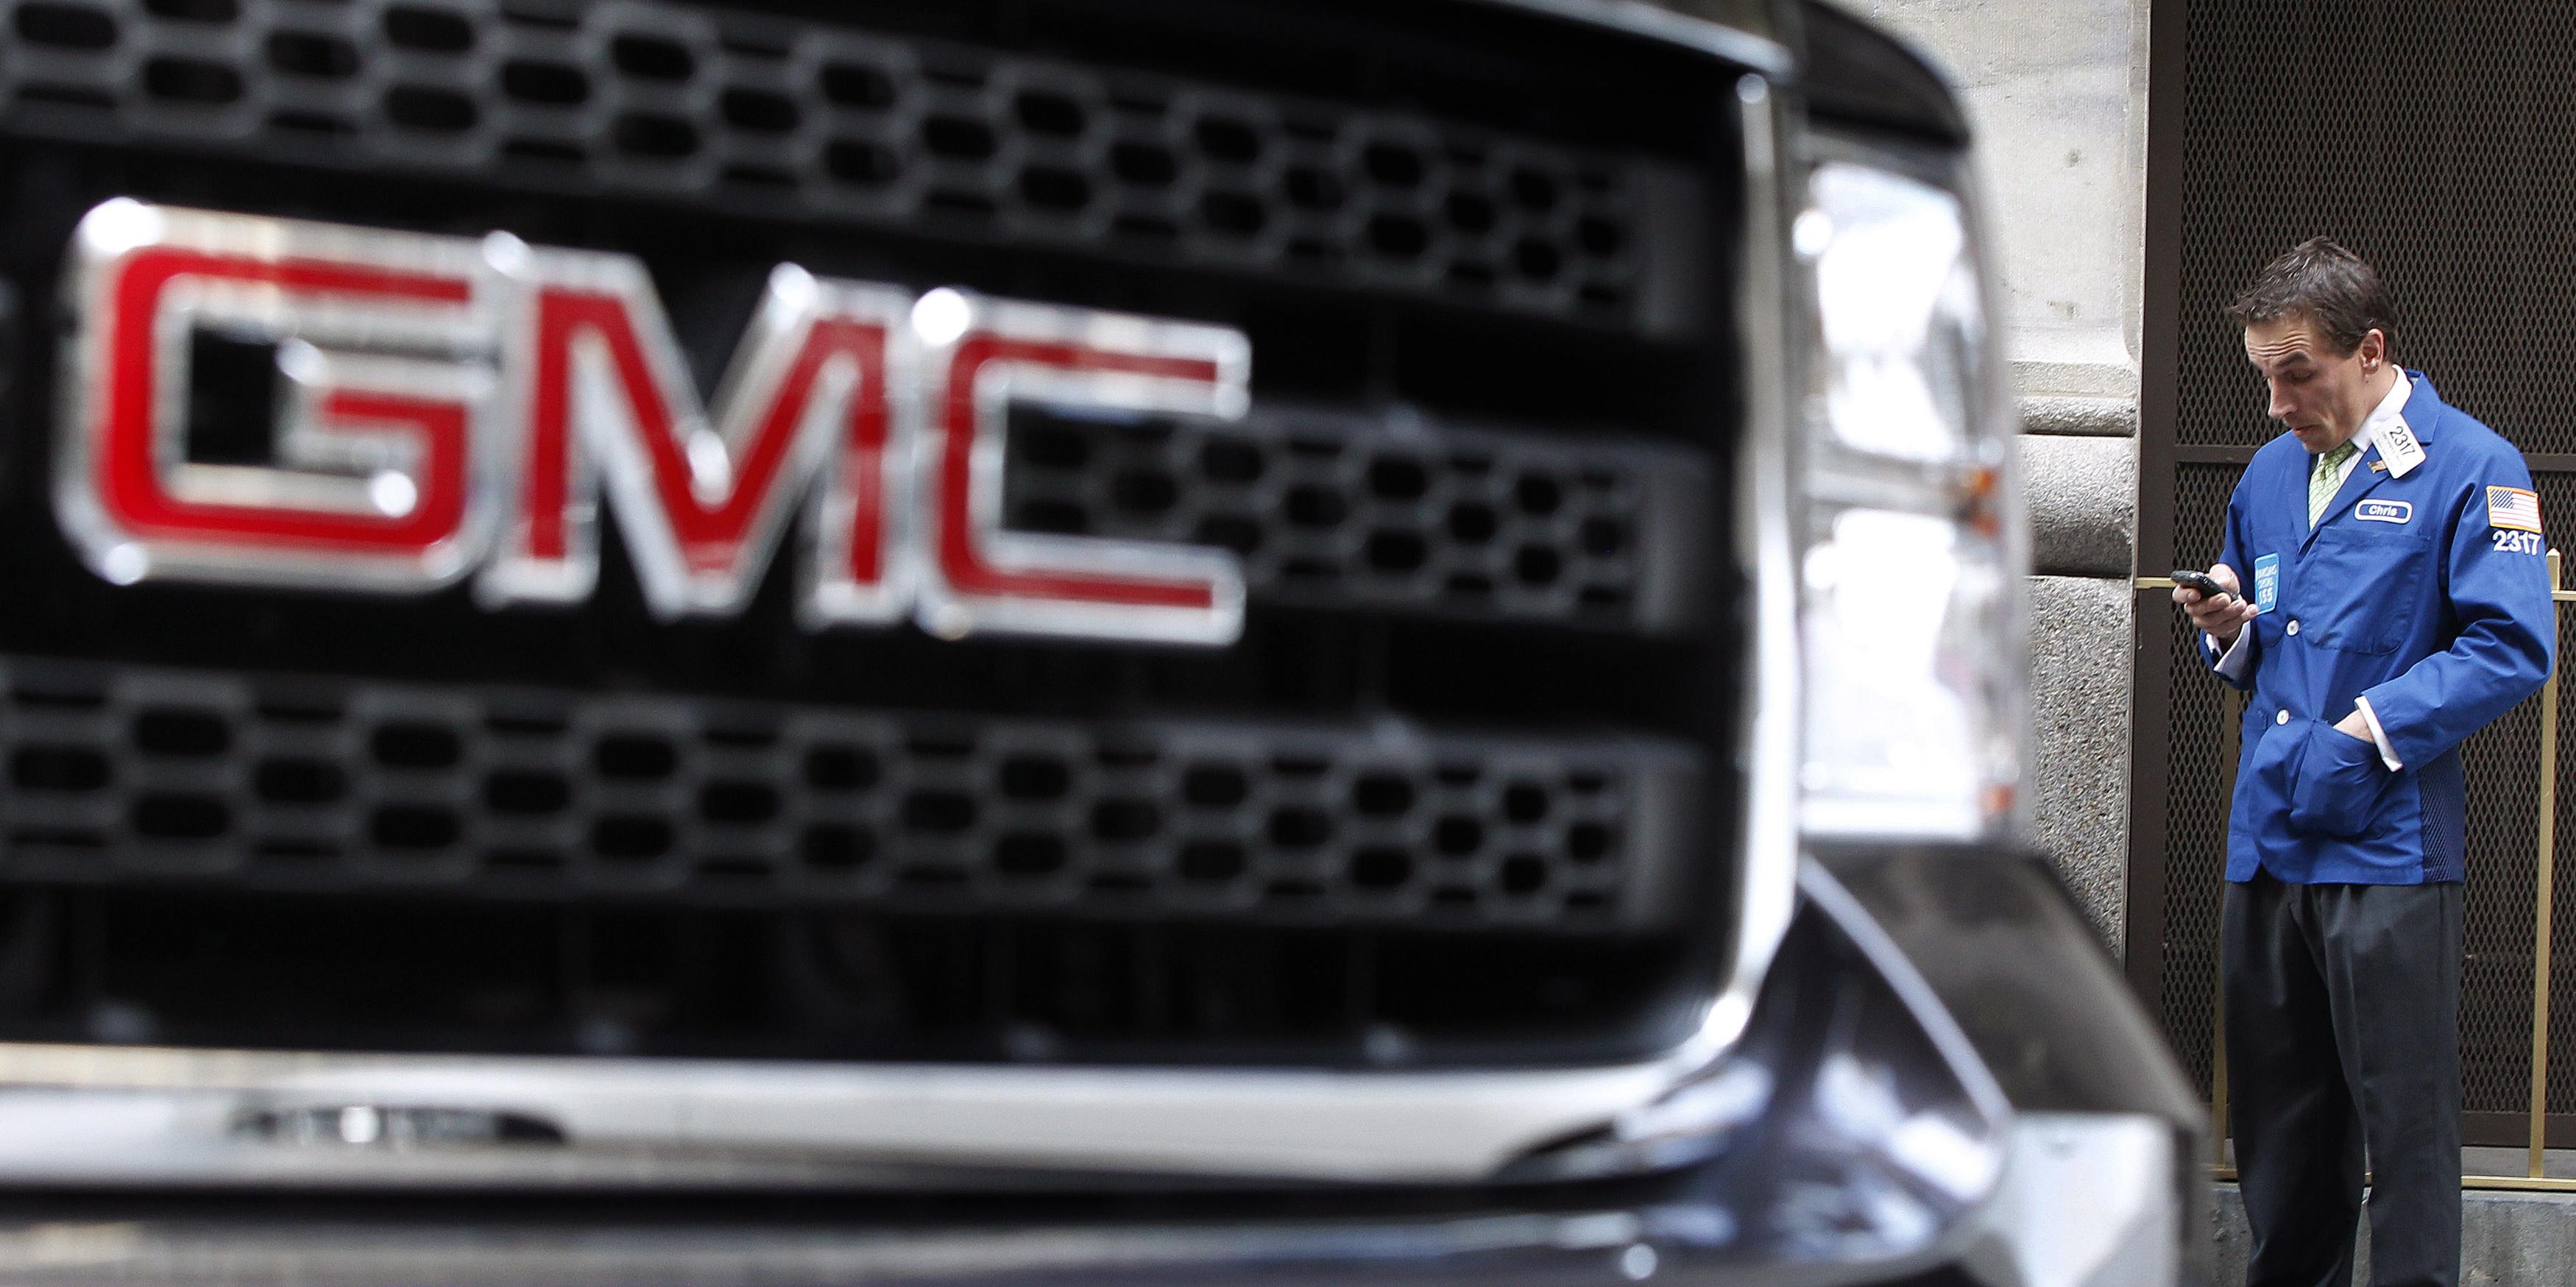 une-voiture-general-motors-gmc-garee-devant-un-trader-au-new-york-stock-exchnage-nyce-a-utiliser-pour-illustrer-l-introduction-en-bourse-de-general-motors-en-2010